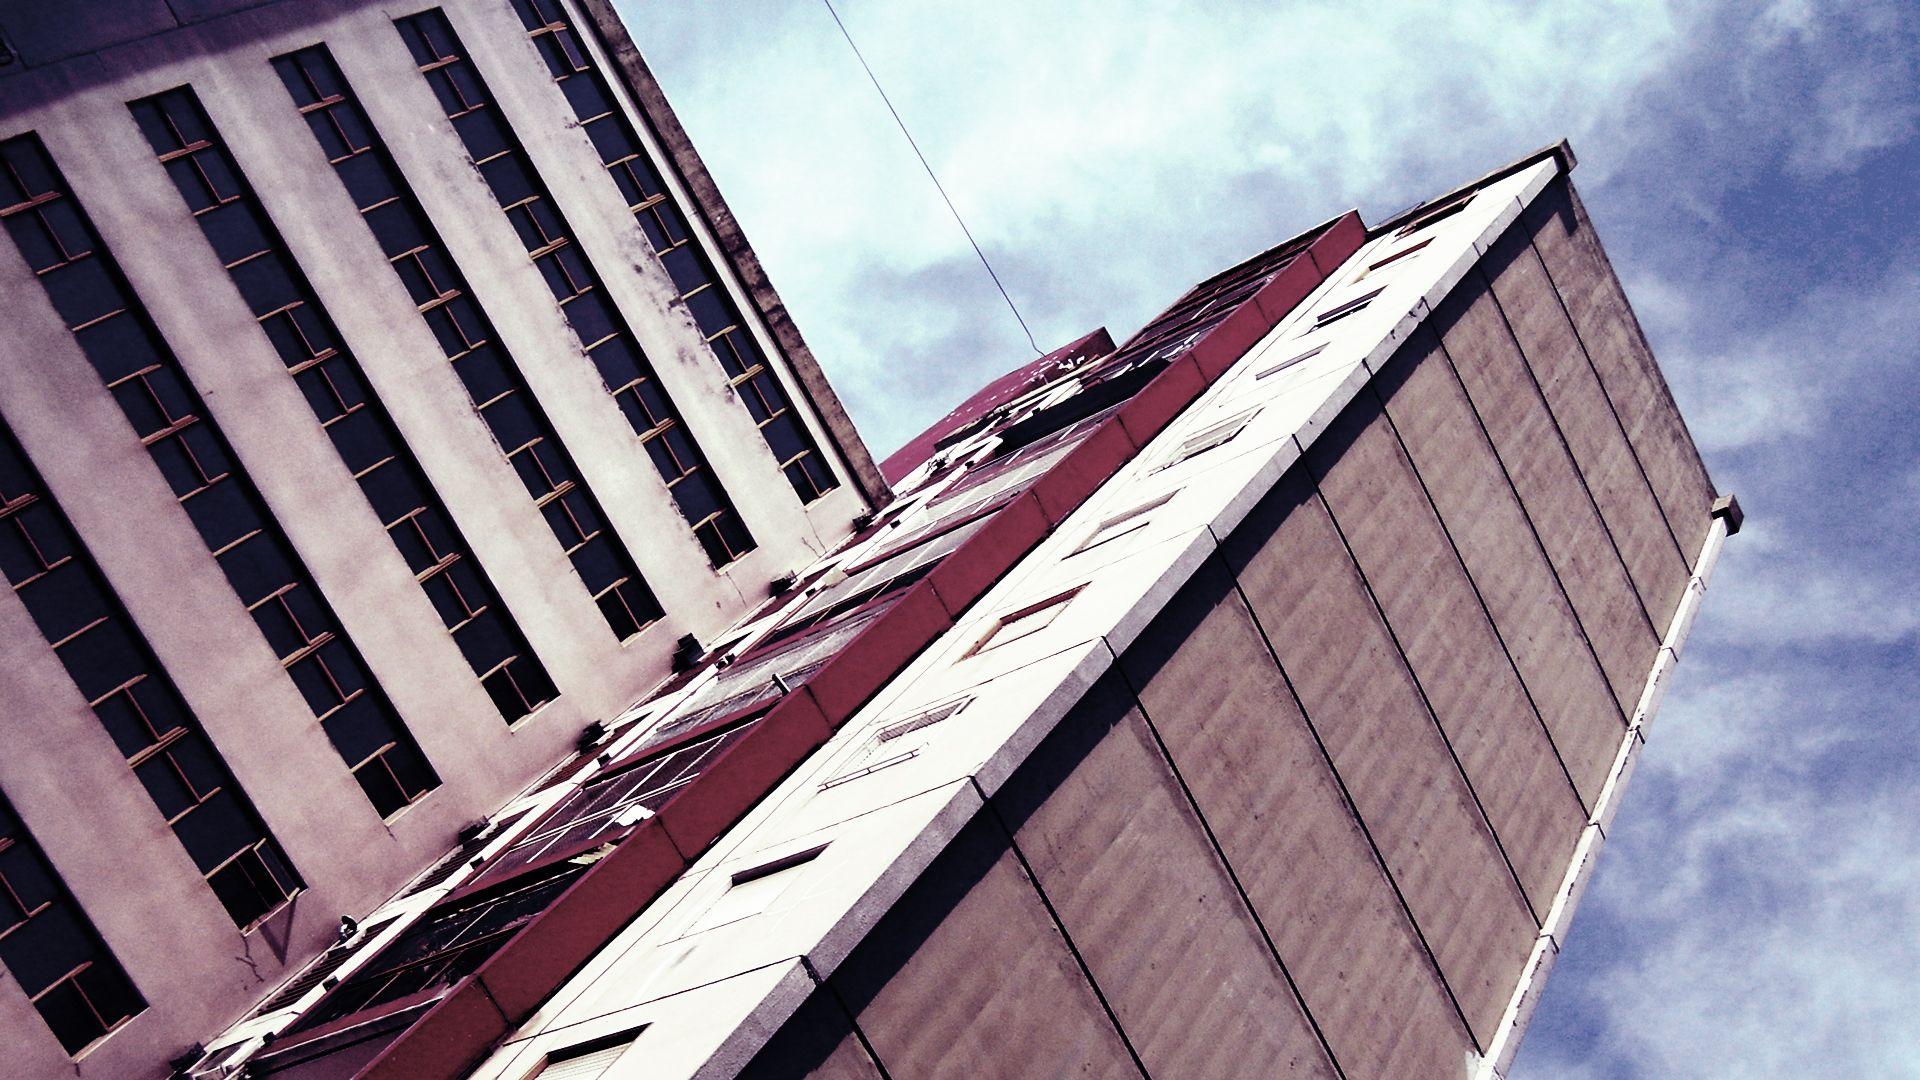 Edificio -  building, sky